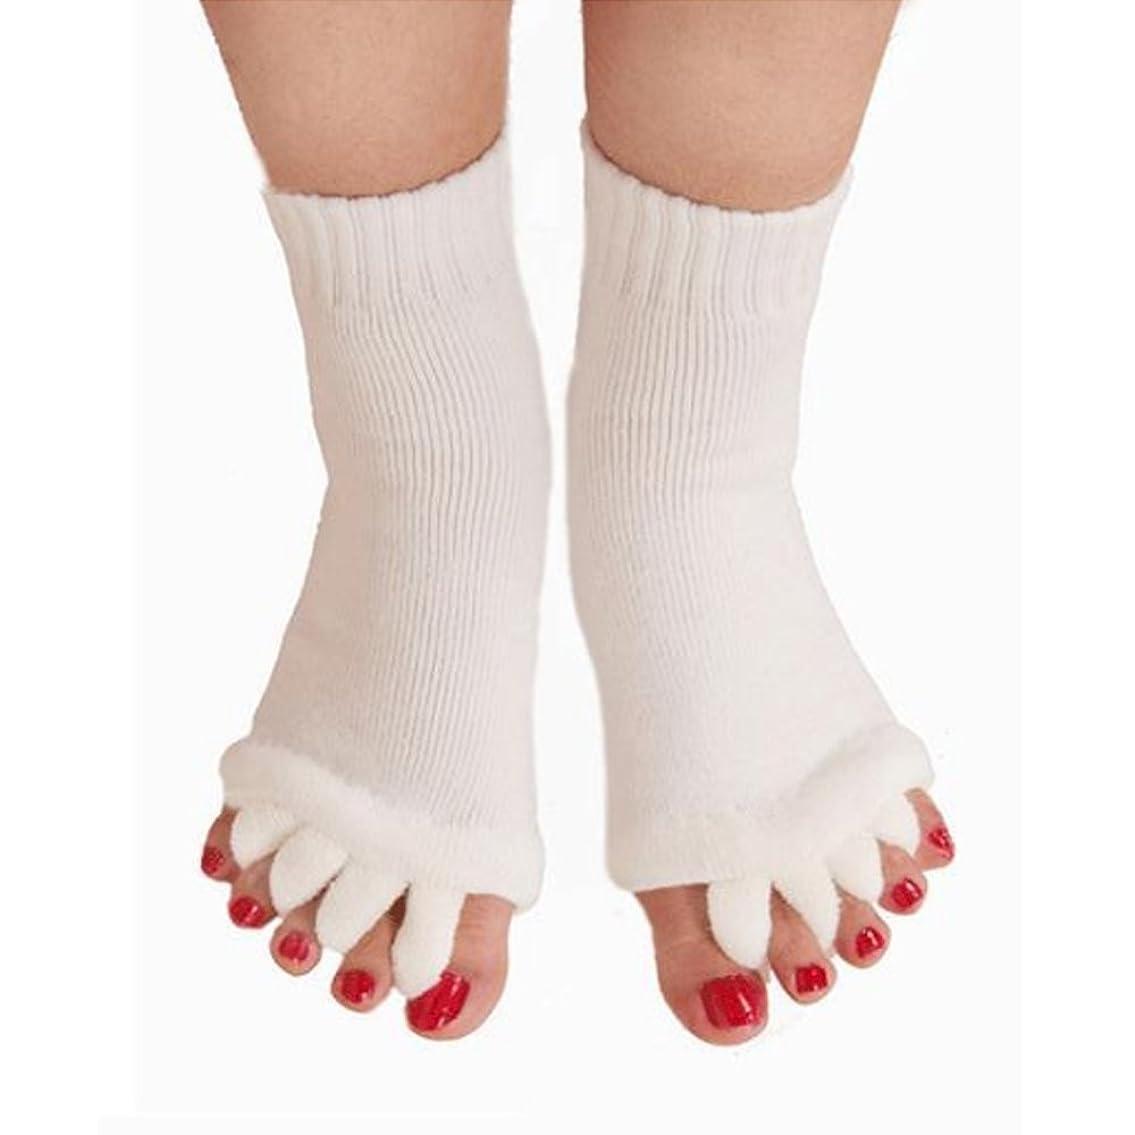 原子晴れ摂氏5本指 ソックス 靴下 足指全開 スリーピングソックス 足指ケア 痛みを軽減する 外反母趾 偏平足対策 ヨガウェア 美脚 就寝時用 快眠 むくみ解消 ホワイト 1ペア